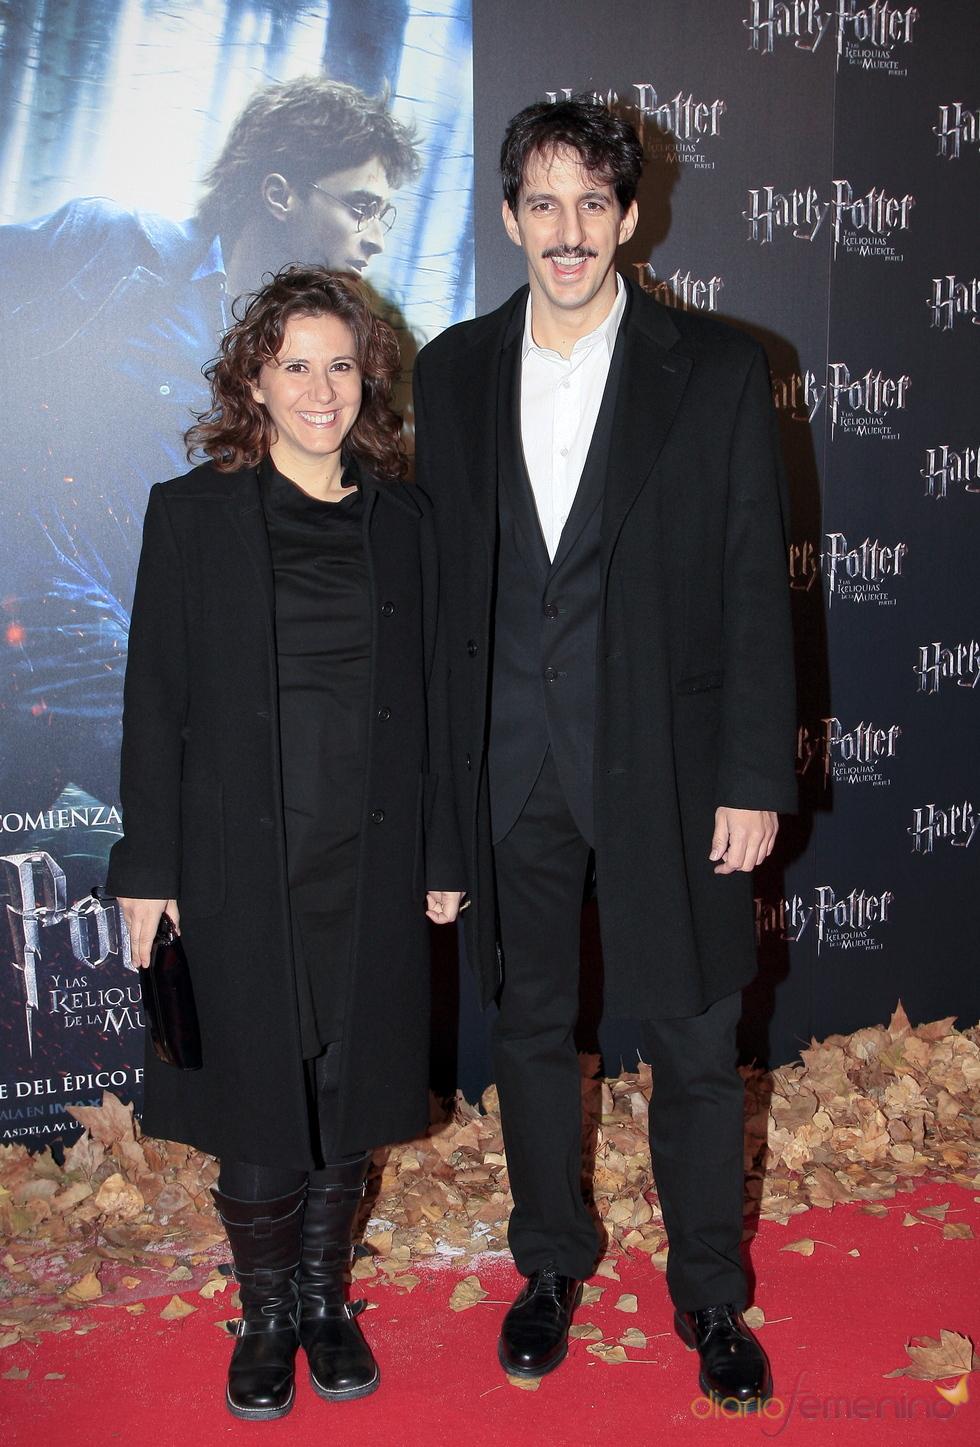 Fátima Baeza y Guillermo Ortega, fans de Harry Potter